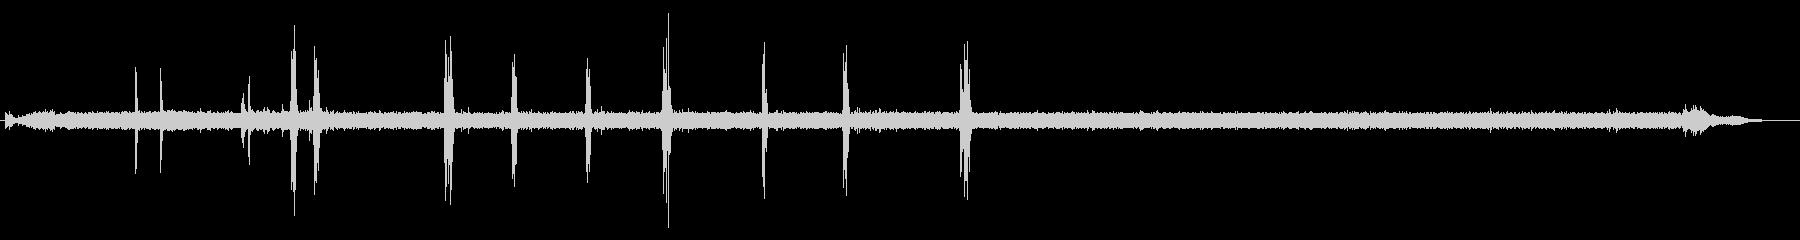 光学ドライブ03-3(動作音)の未再生の波形